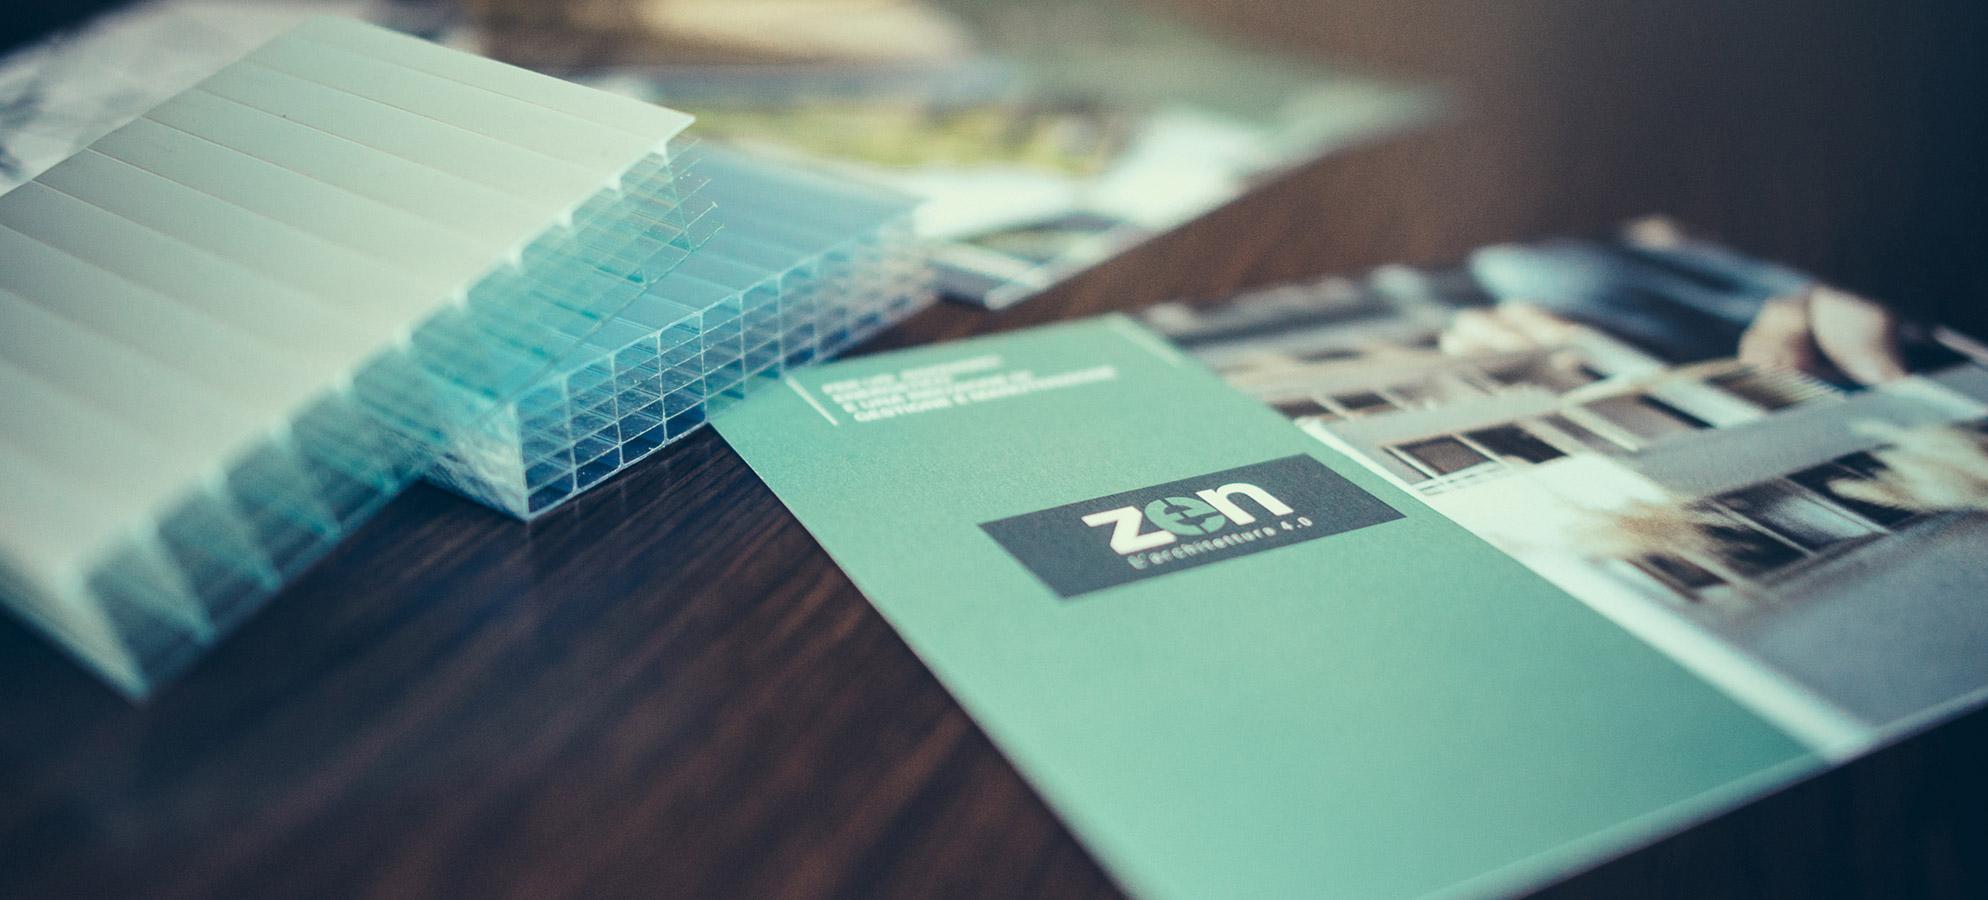 zen l'architettura 4.0 slide 01